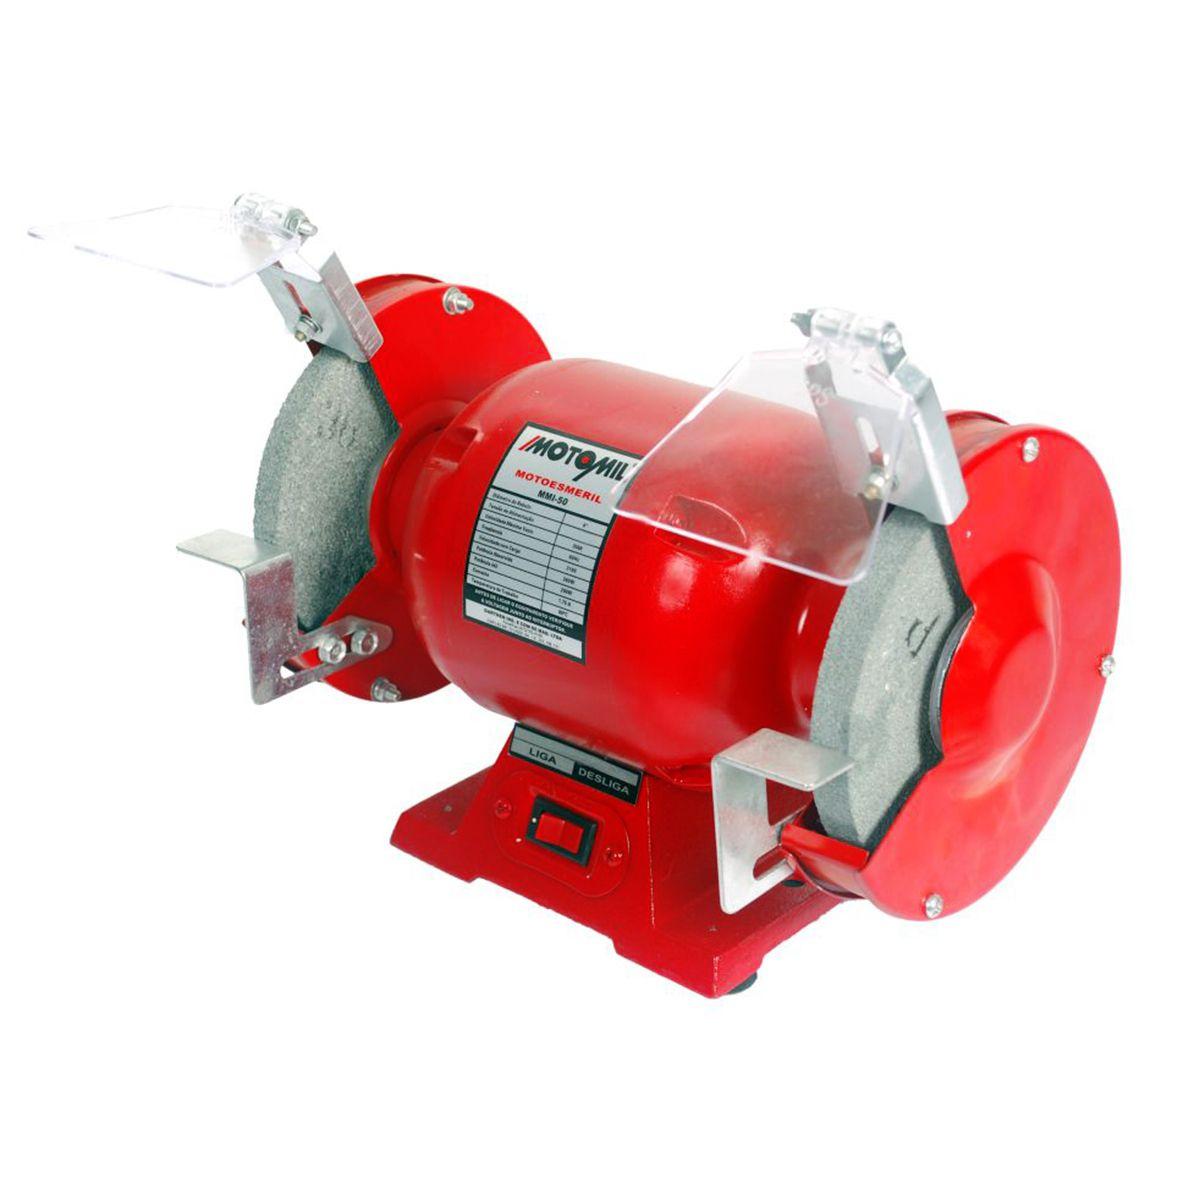 Moto Esmeril MOTOMIL 1/2CV  220V 360W